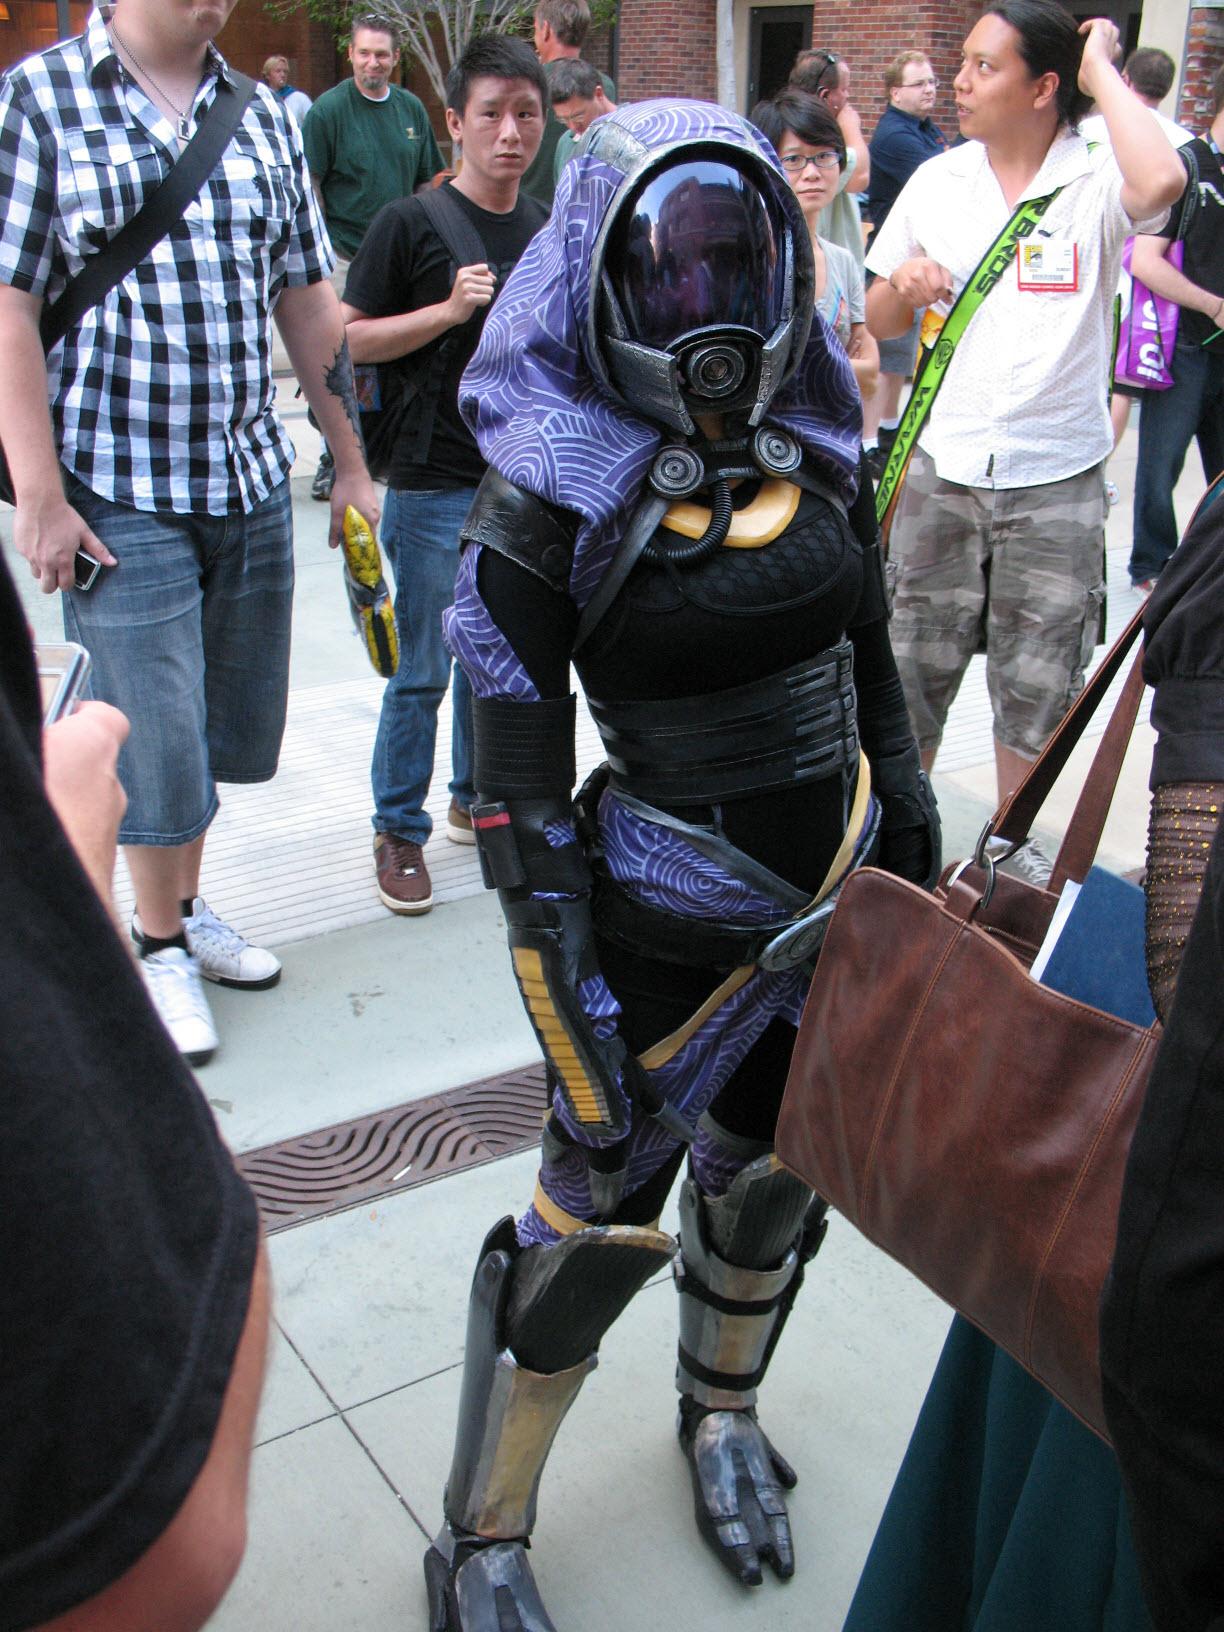 Mass effect 2 cosplay